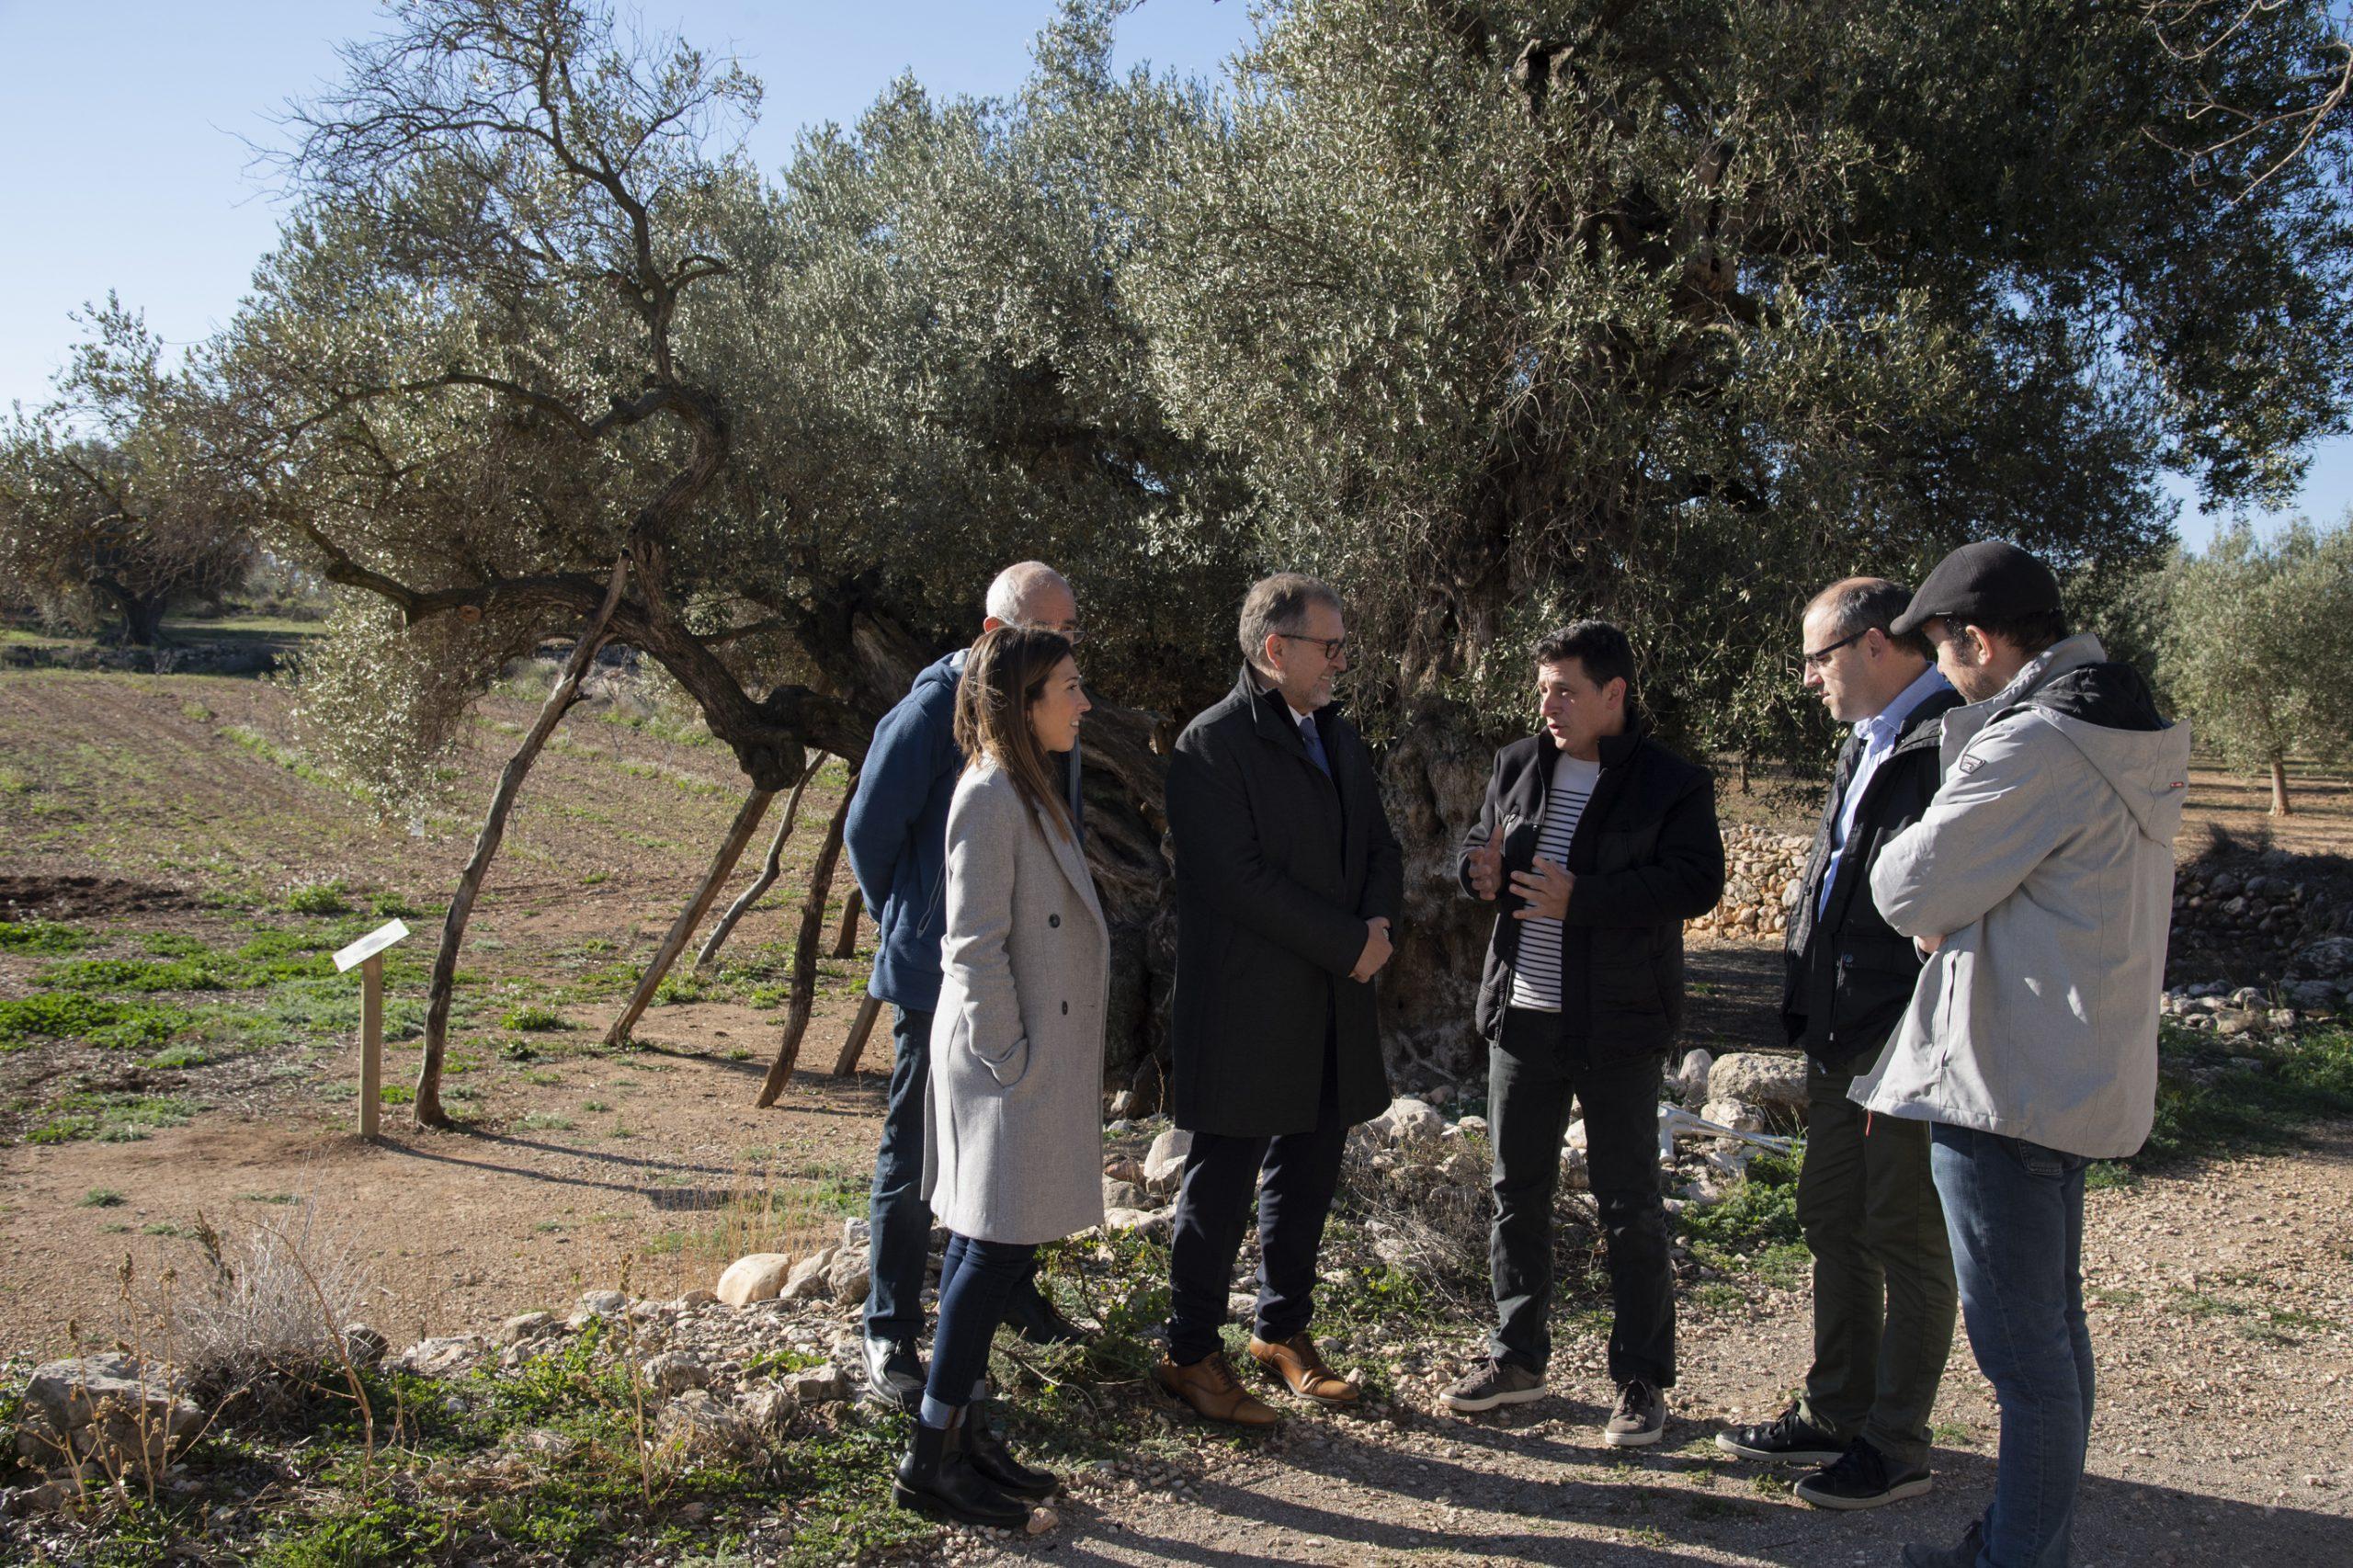 La Diputación de Castellón destina más de 52.000 euros a la conservación y mejora de 16 parajes naturales de la provincia